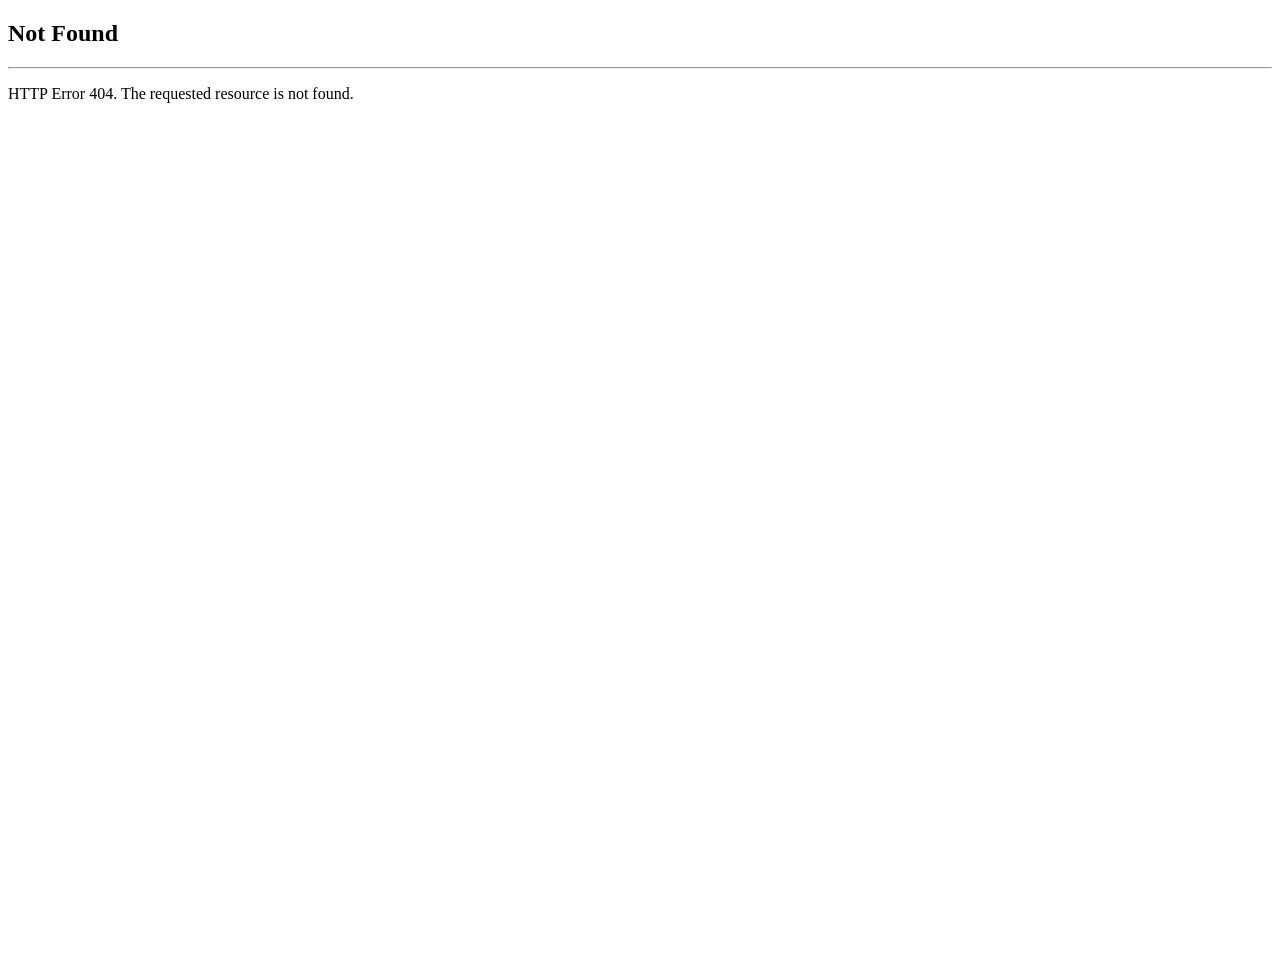 【轉知】中華民國合球協會辦理「110年第36屆全國協會盃合球錦標賽」賽事資訊